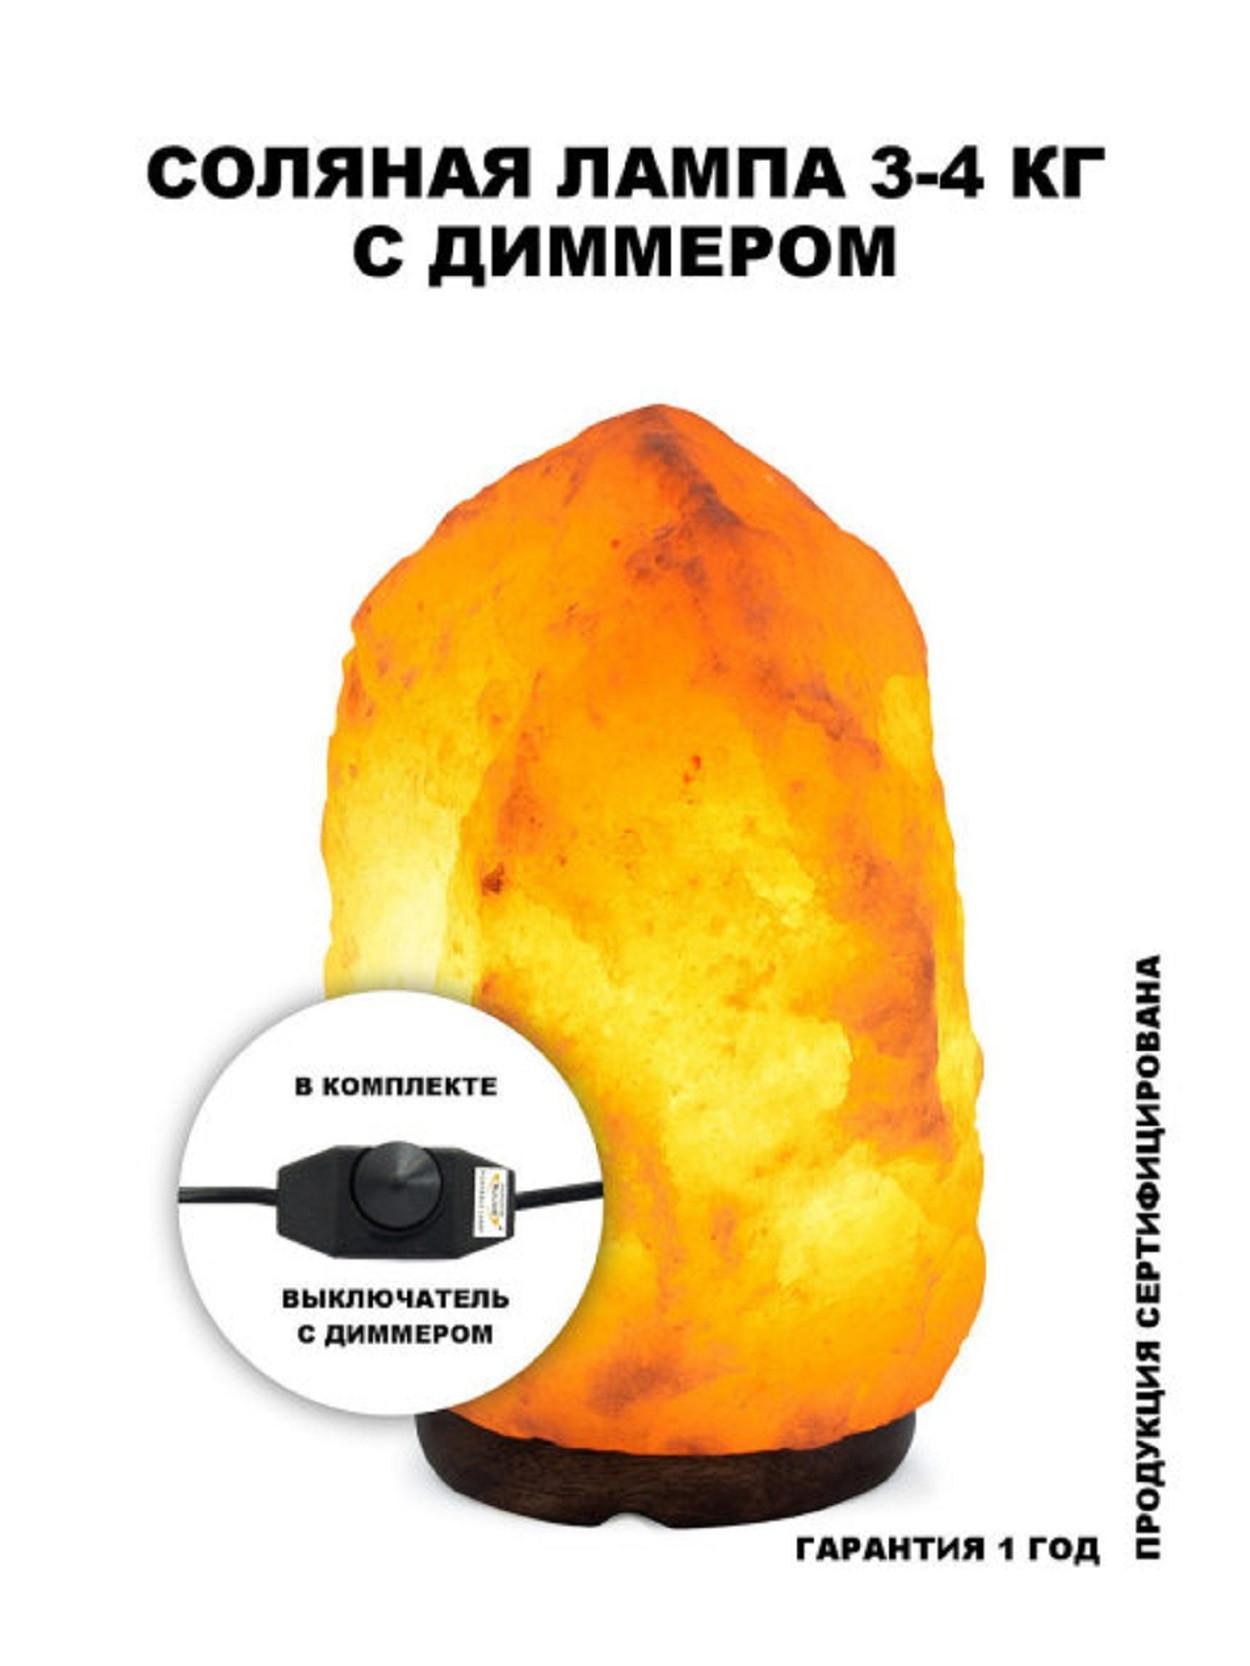 Неограненная  соляная лампа в комплекте 3-4 кг  с диммером